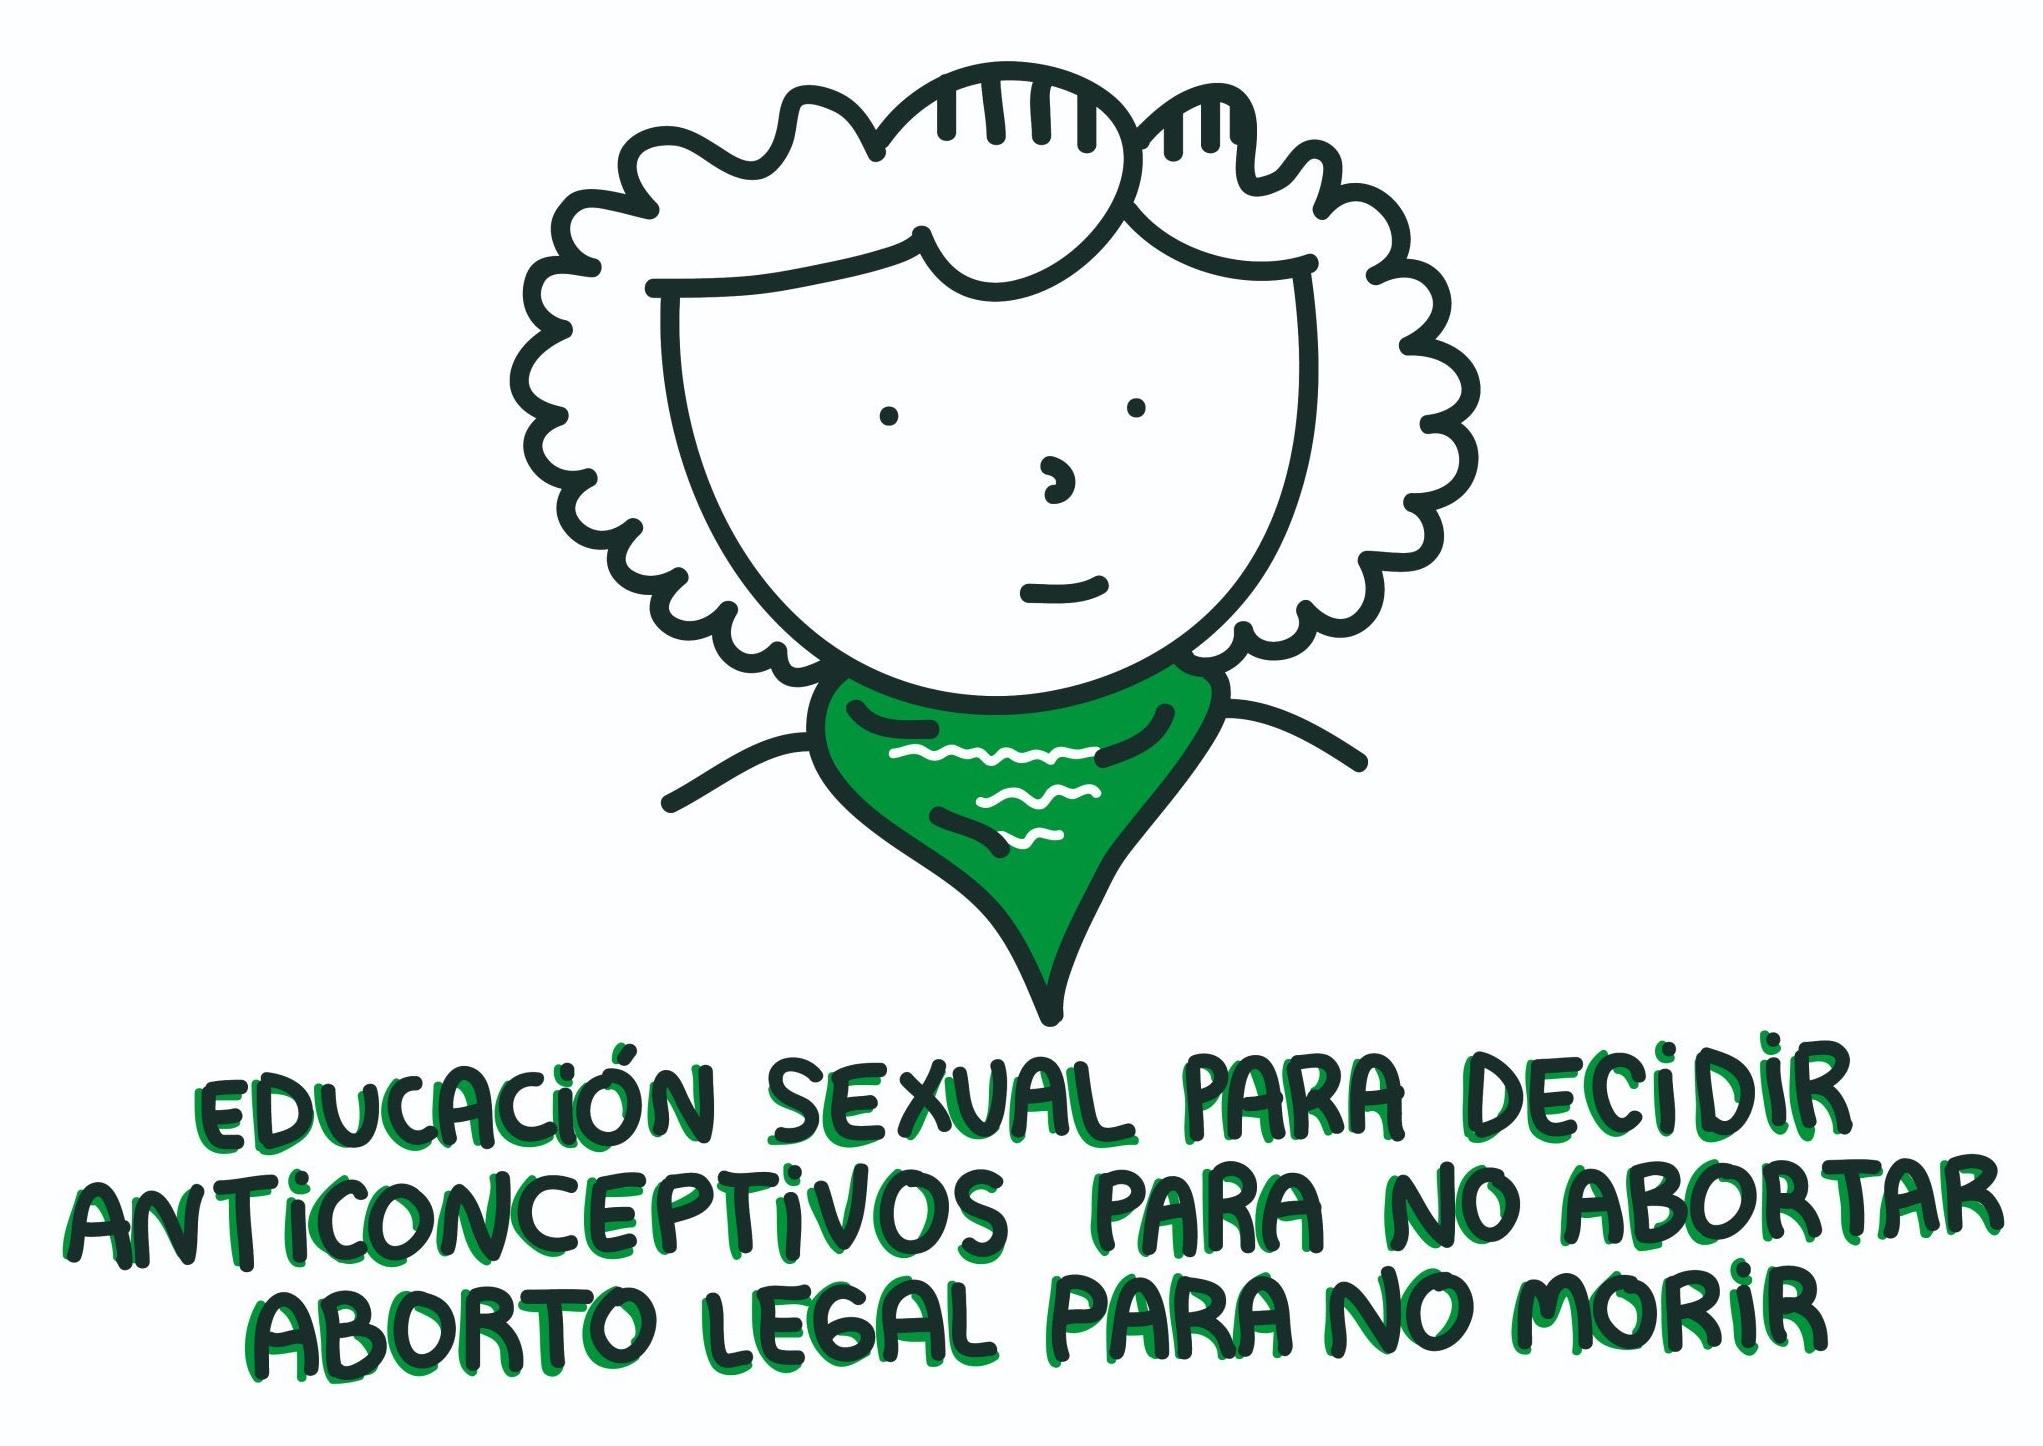 El acceso al aborto y la anticoncepción salva vidas y promueve la igualdad de género